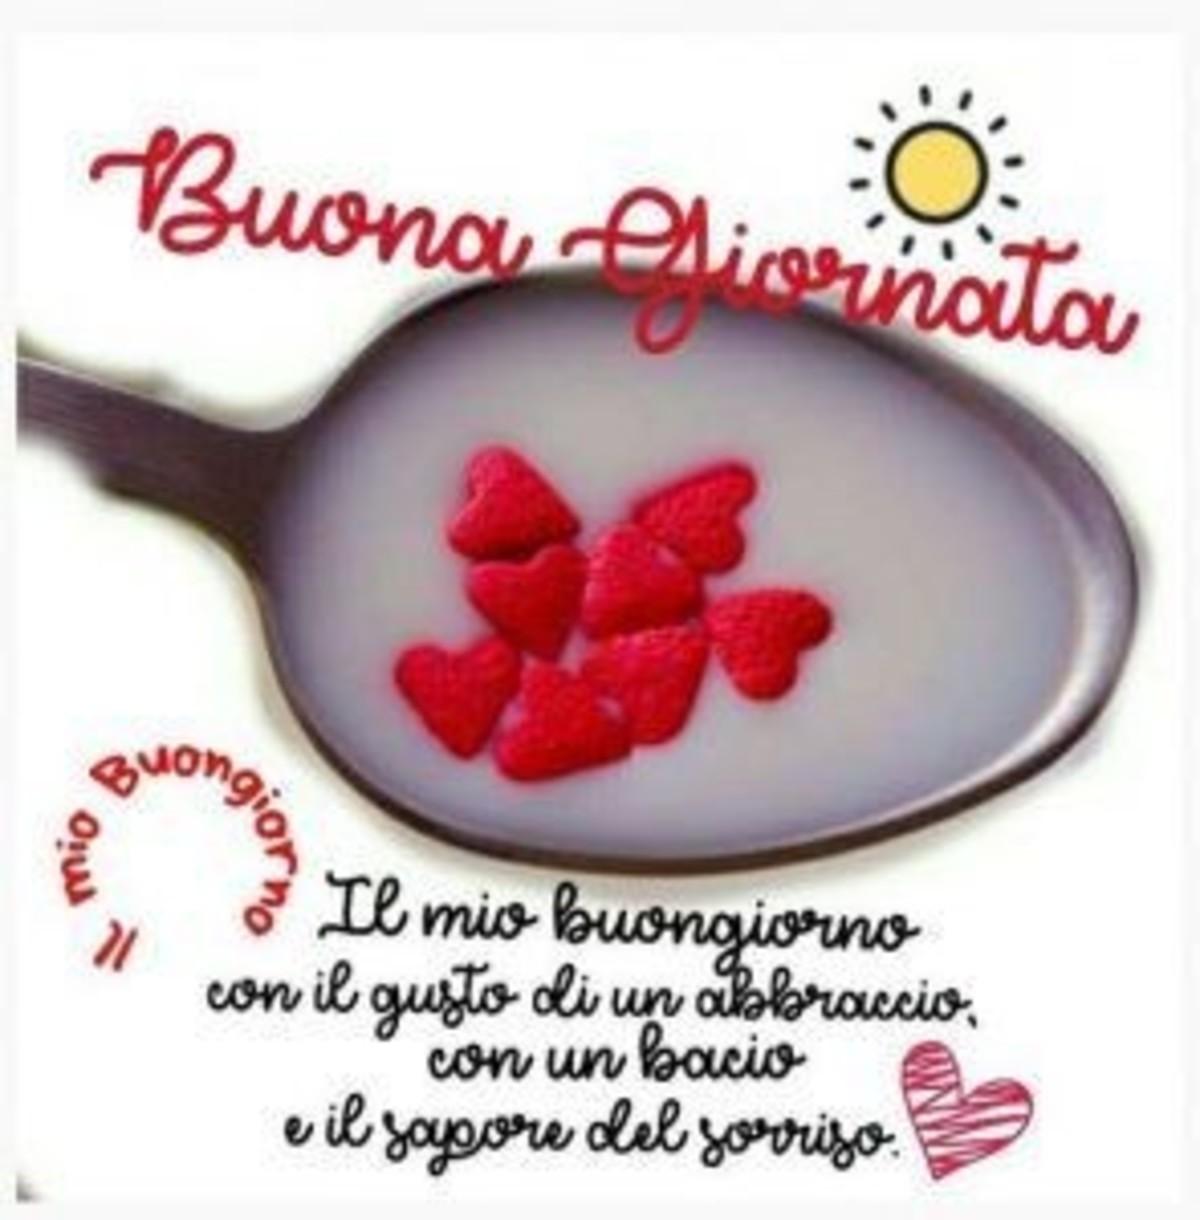 Buongiorno con amore (2)